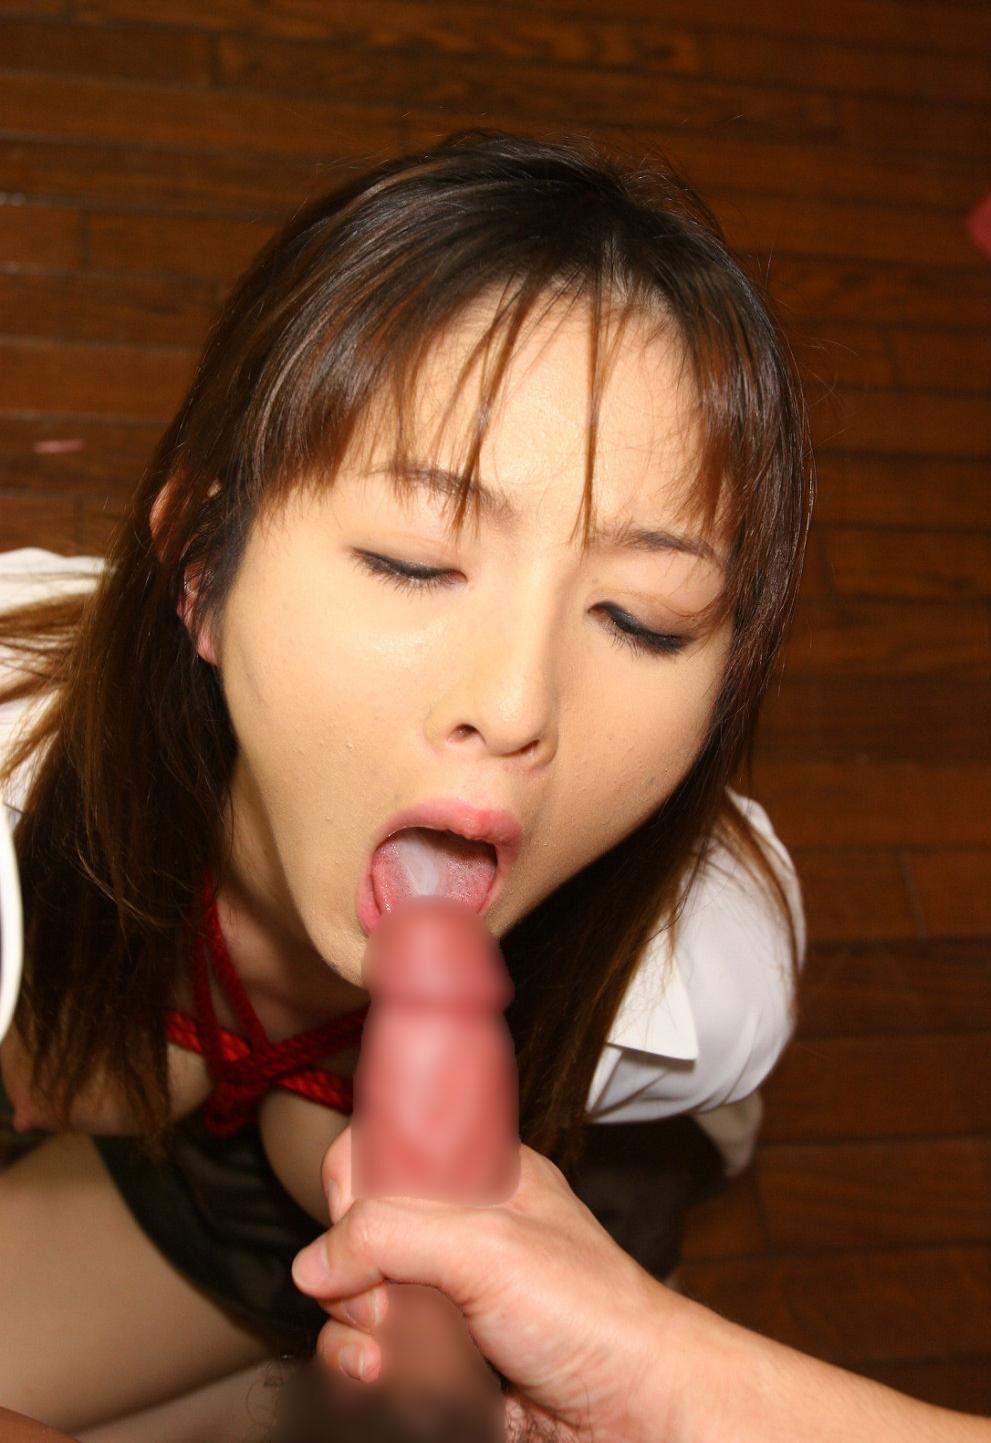 【口内射精エロ画像】フェラで抜いた女の子のお口から精液がとろ~りwww 21